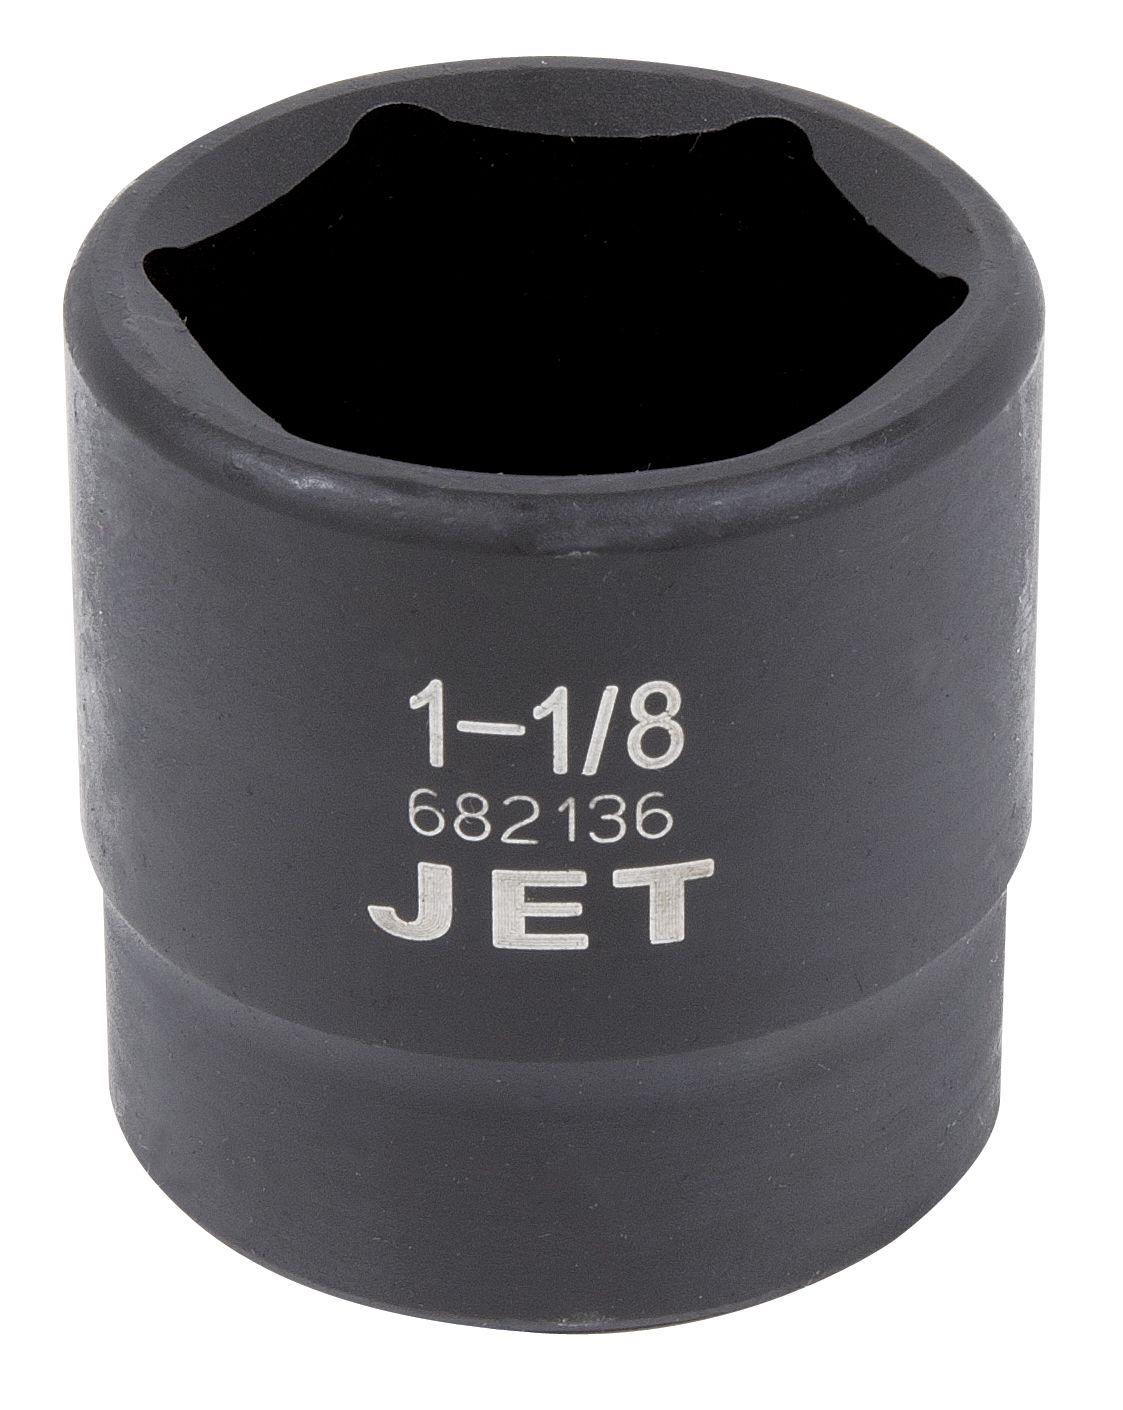 Jet 682136 Douille à chocs 1-1/8